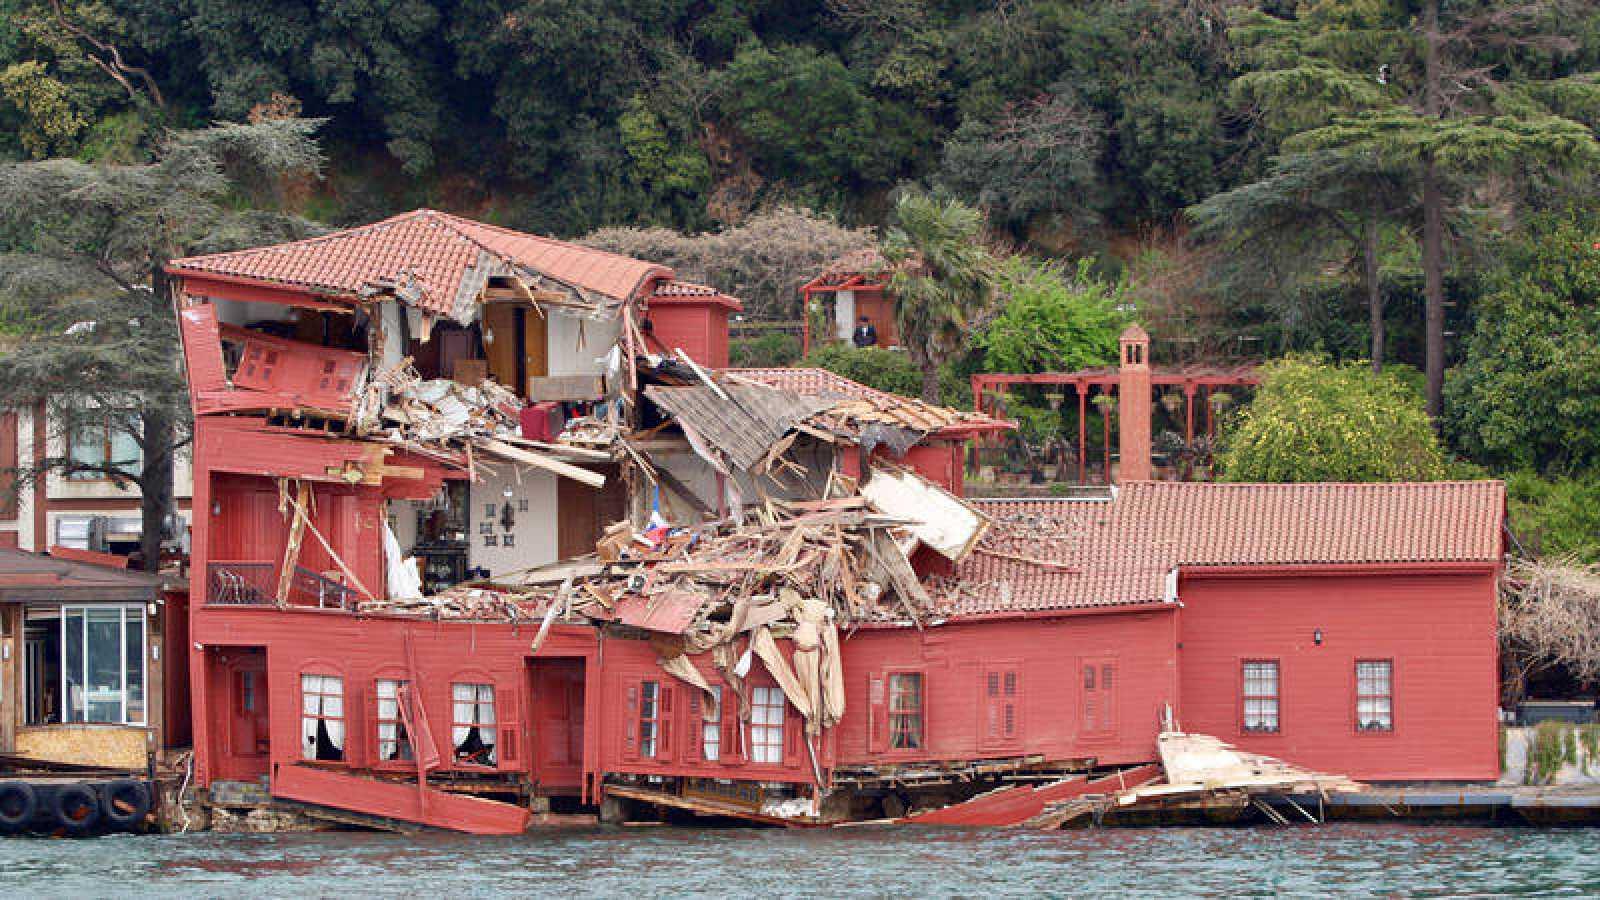 La mansión Hekimbasi Salih Efendi después de que el carguero Vitaspirit chocara contra el edificio